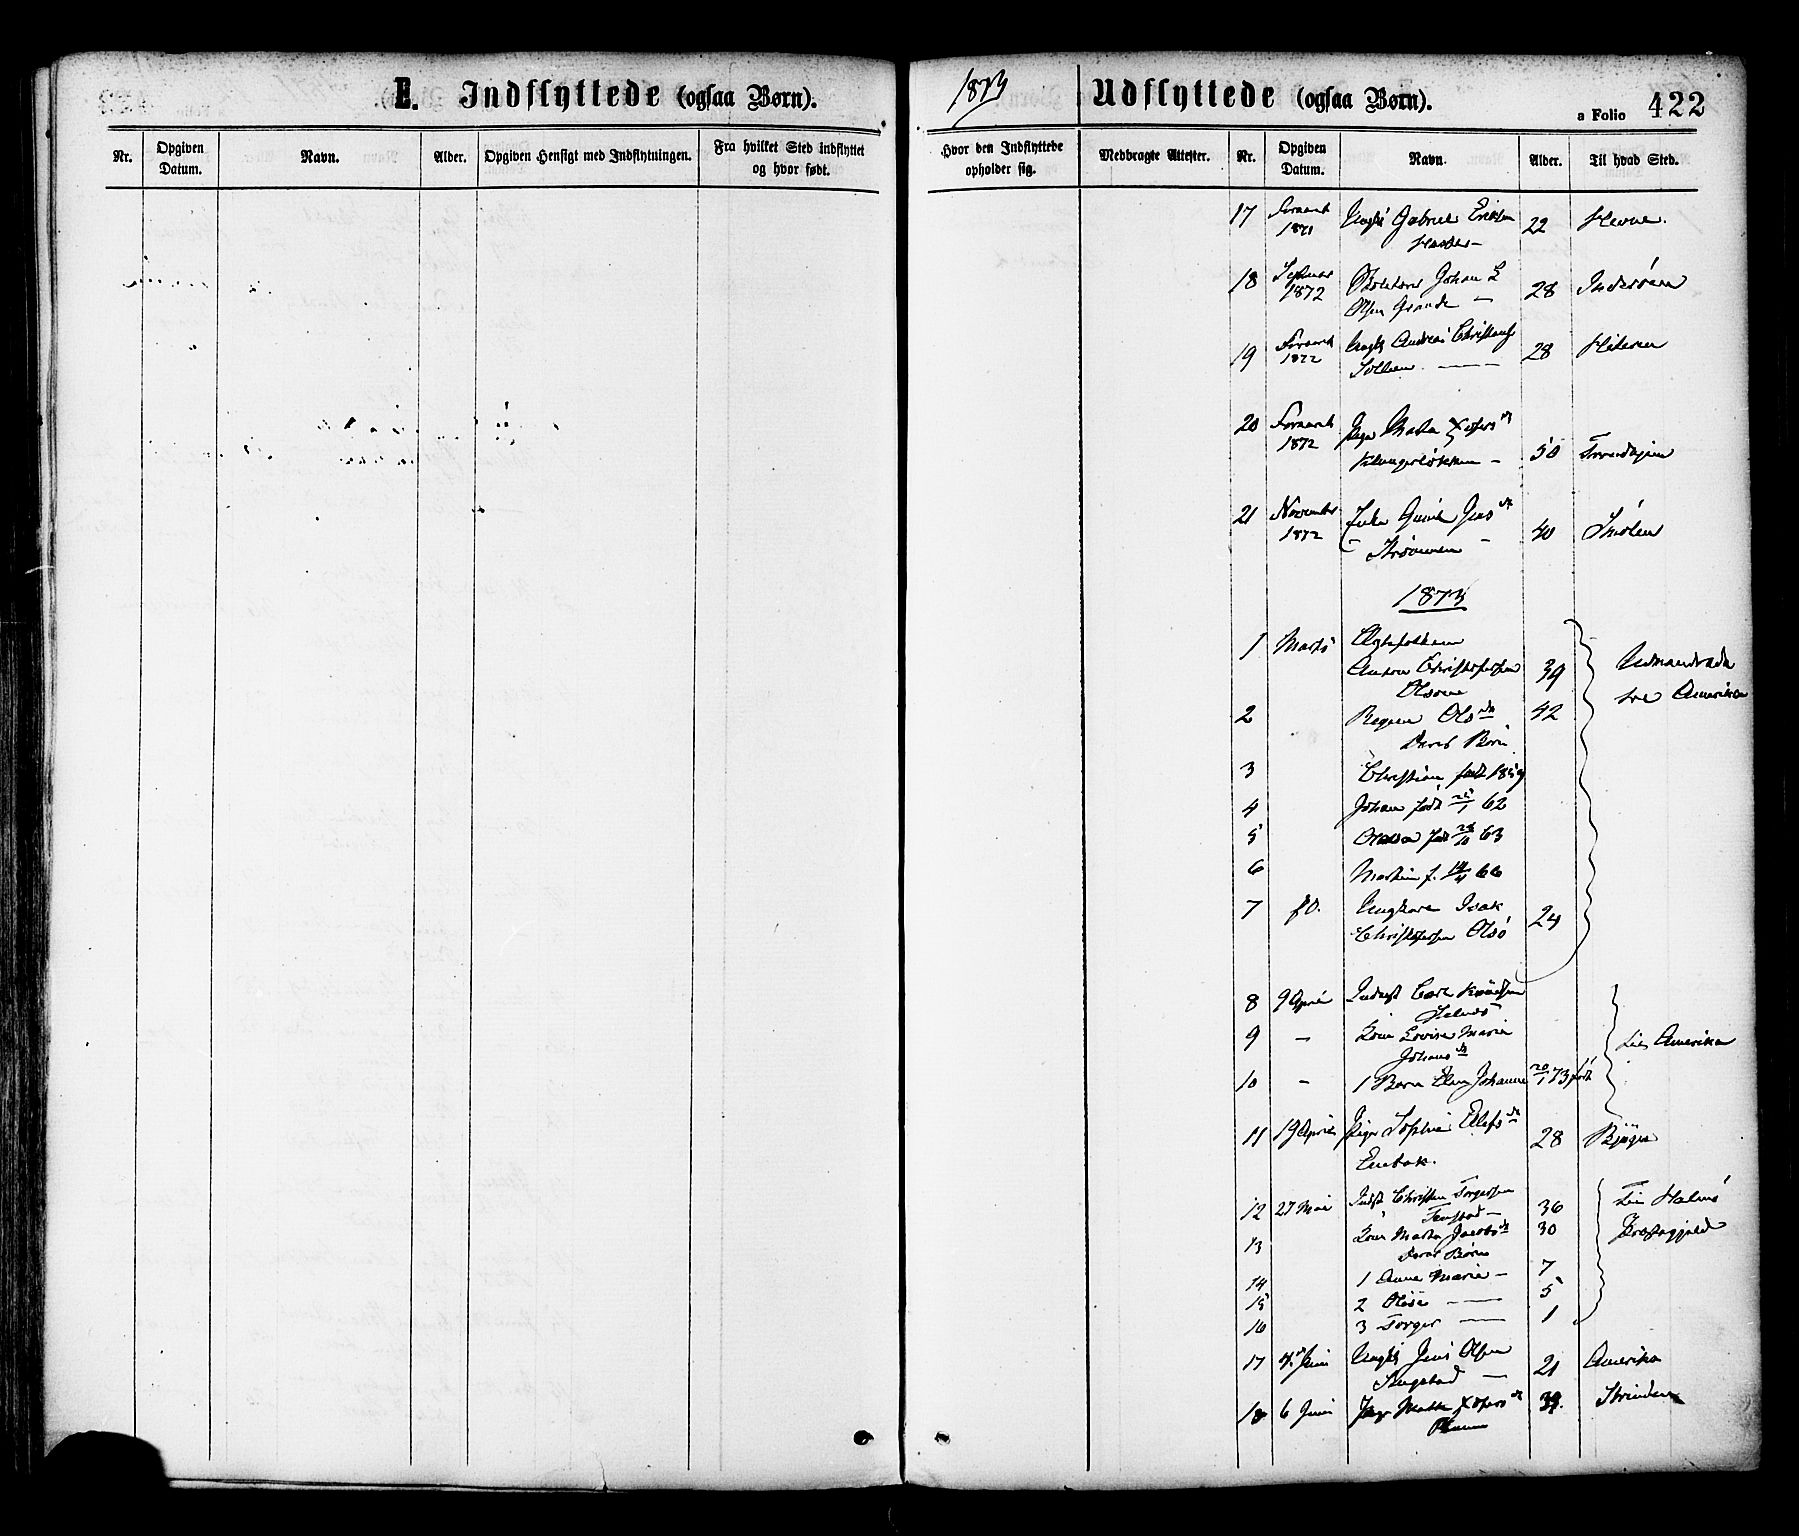 SAT, Ministerialprotokoller, klokkerbøker og fødselsregistre - Sør-Trøndelag, 646/L0613: Ministerialbok nr. 646A11, 1870-1884, s. 422